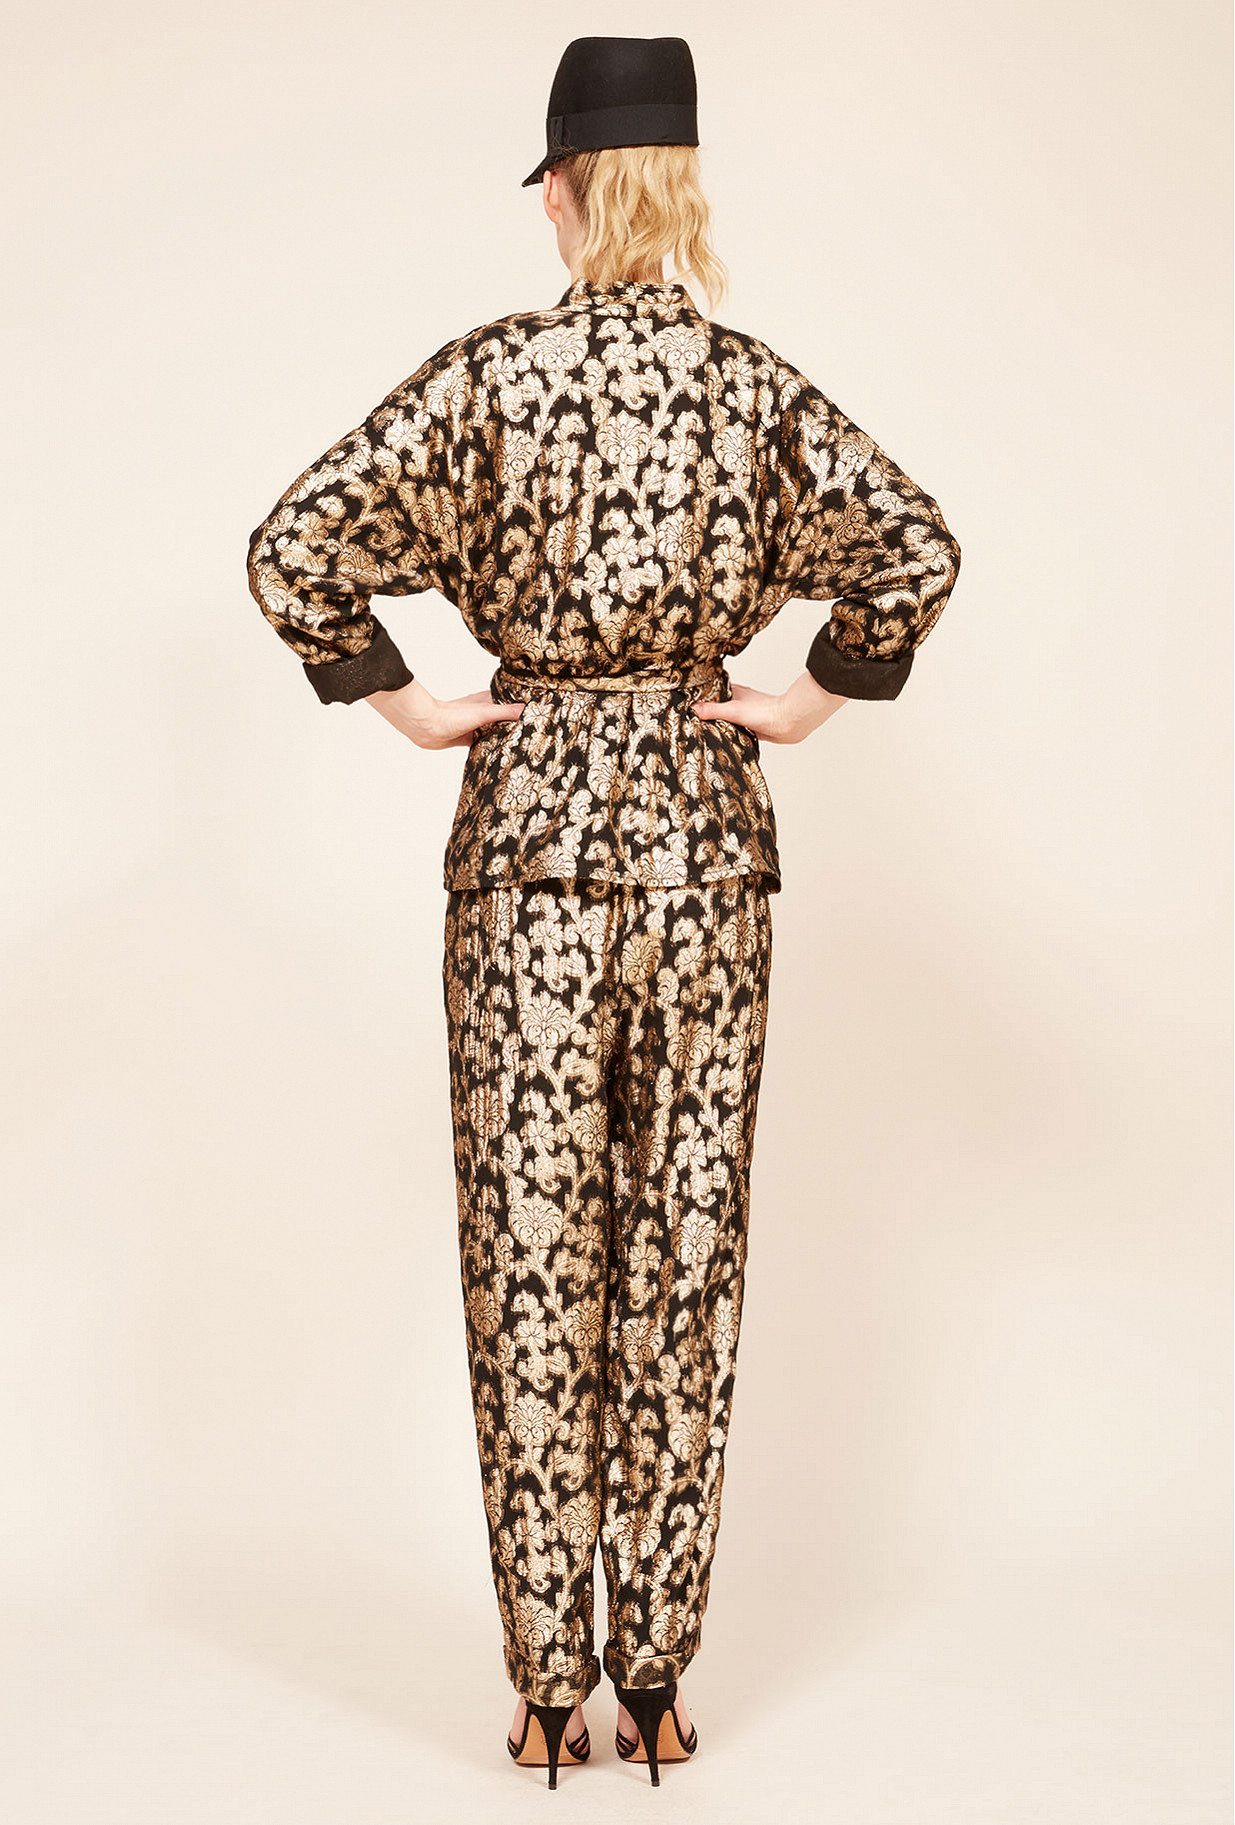 Paris clothes store Kimono  Marignan french designer fashion Paris